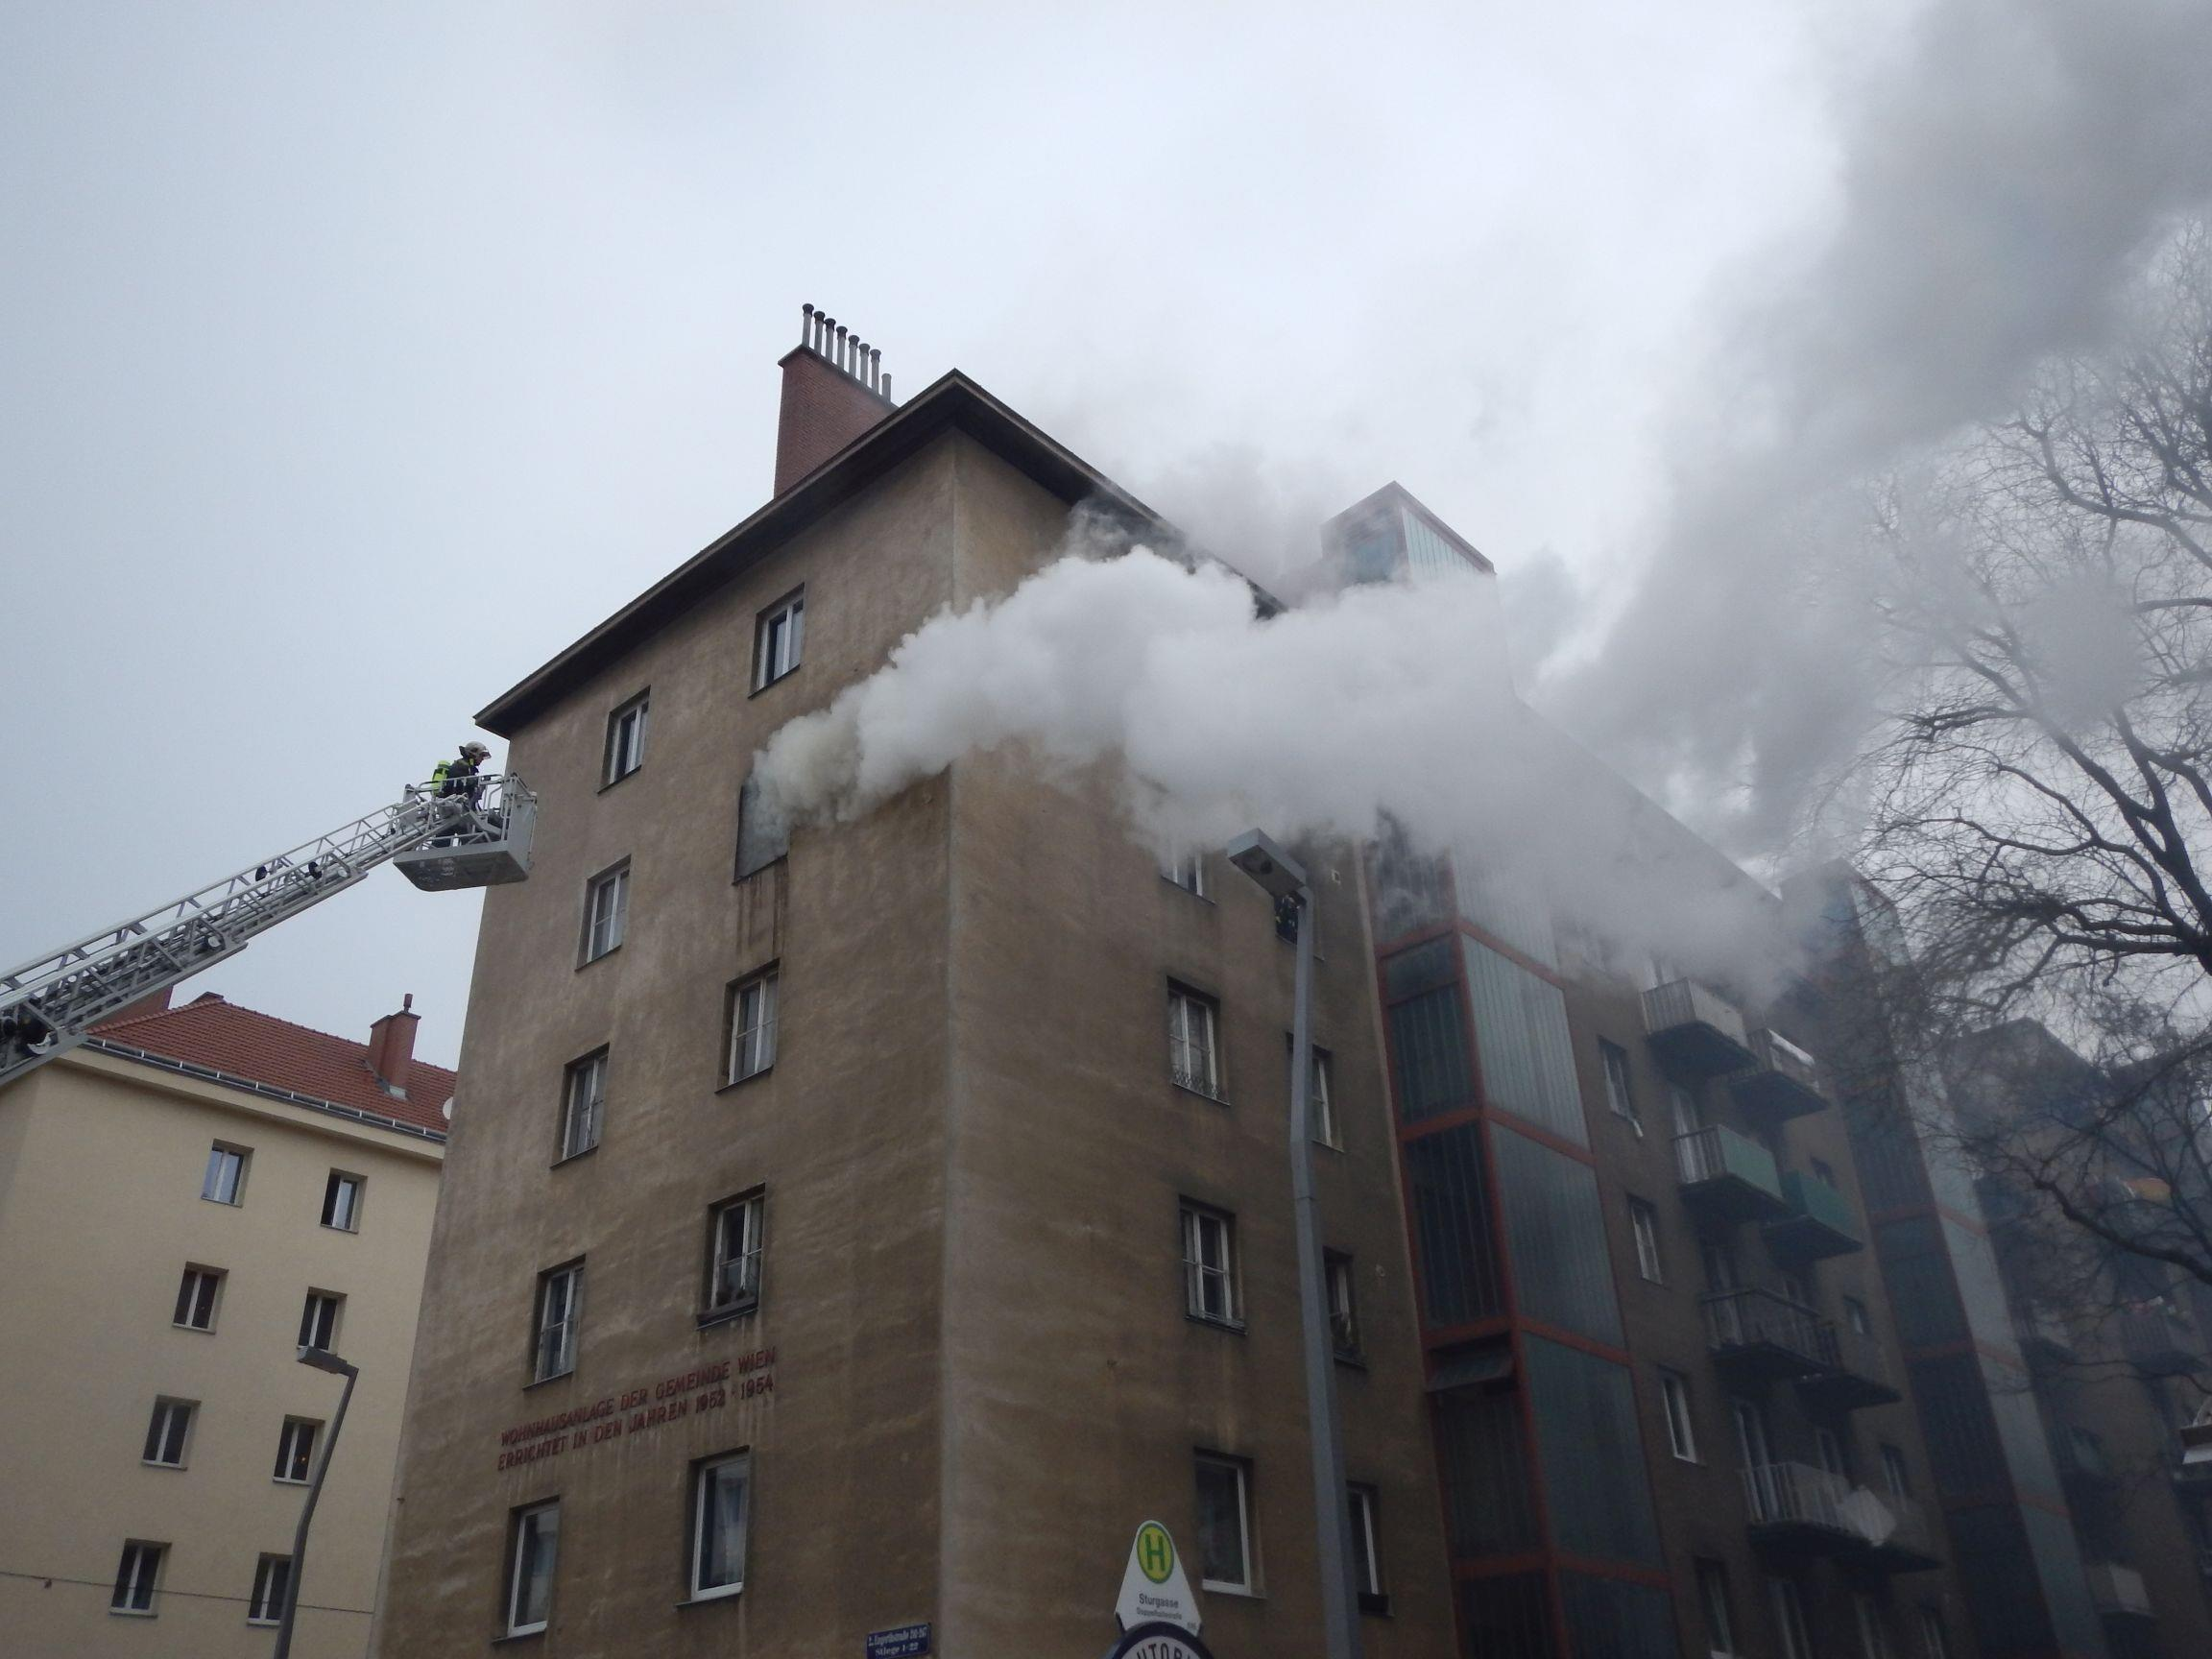 Nach 15 Minuten war der Brand gelöscht.